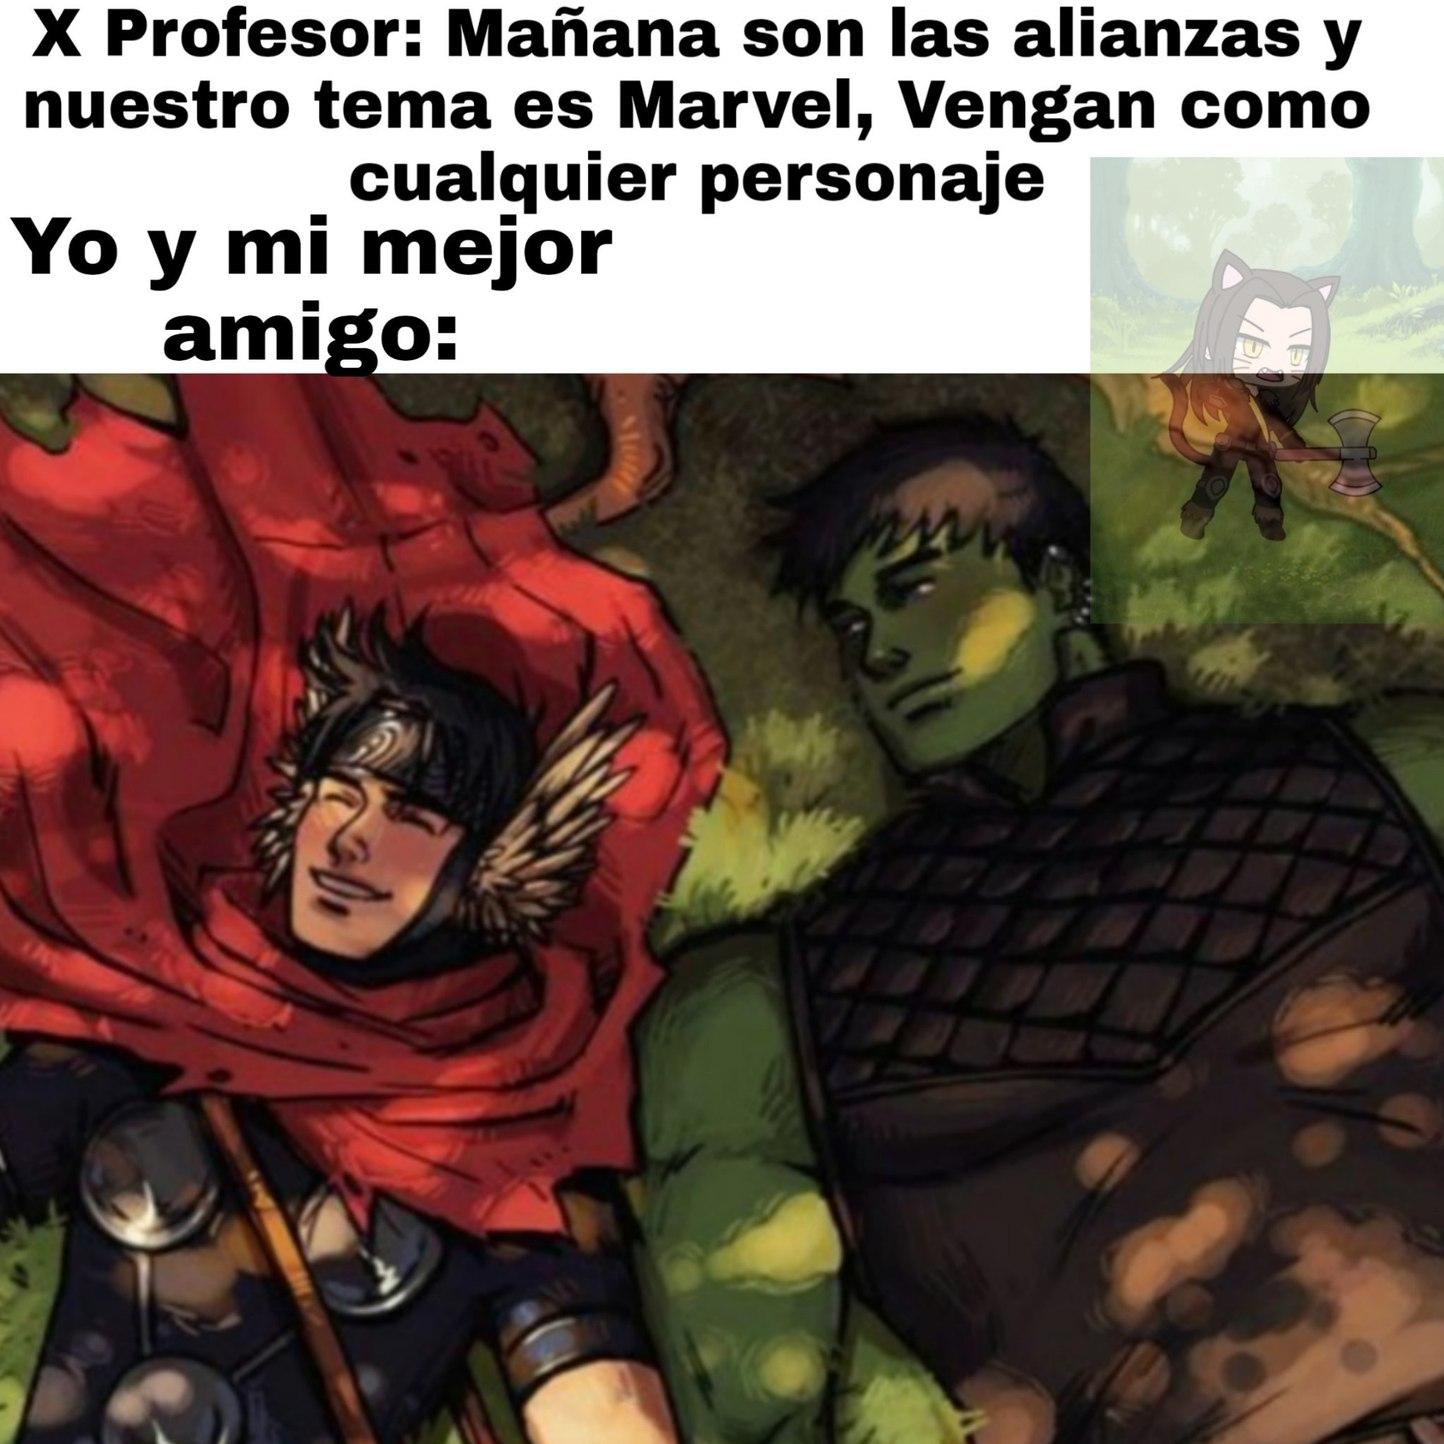 Weá gey :/ - meme